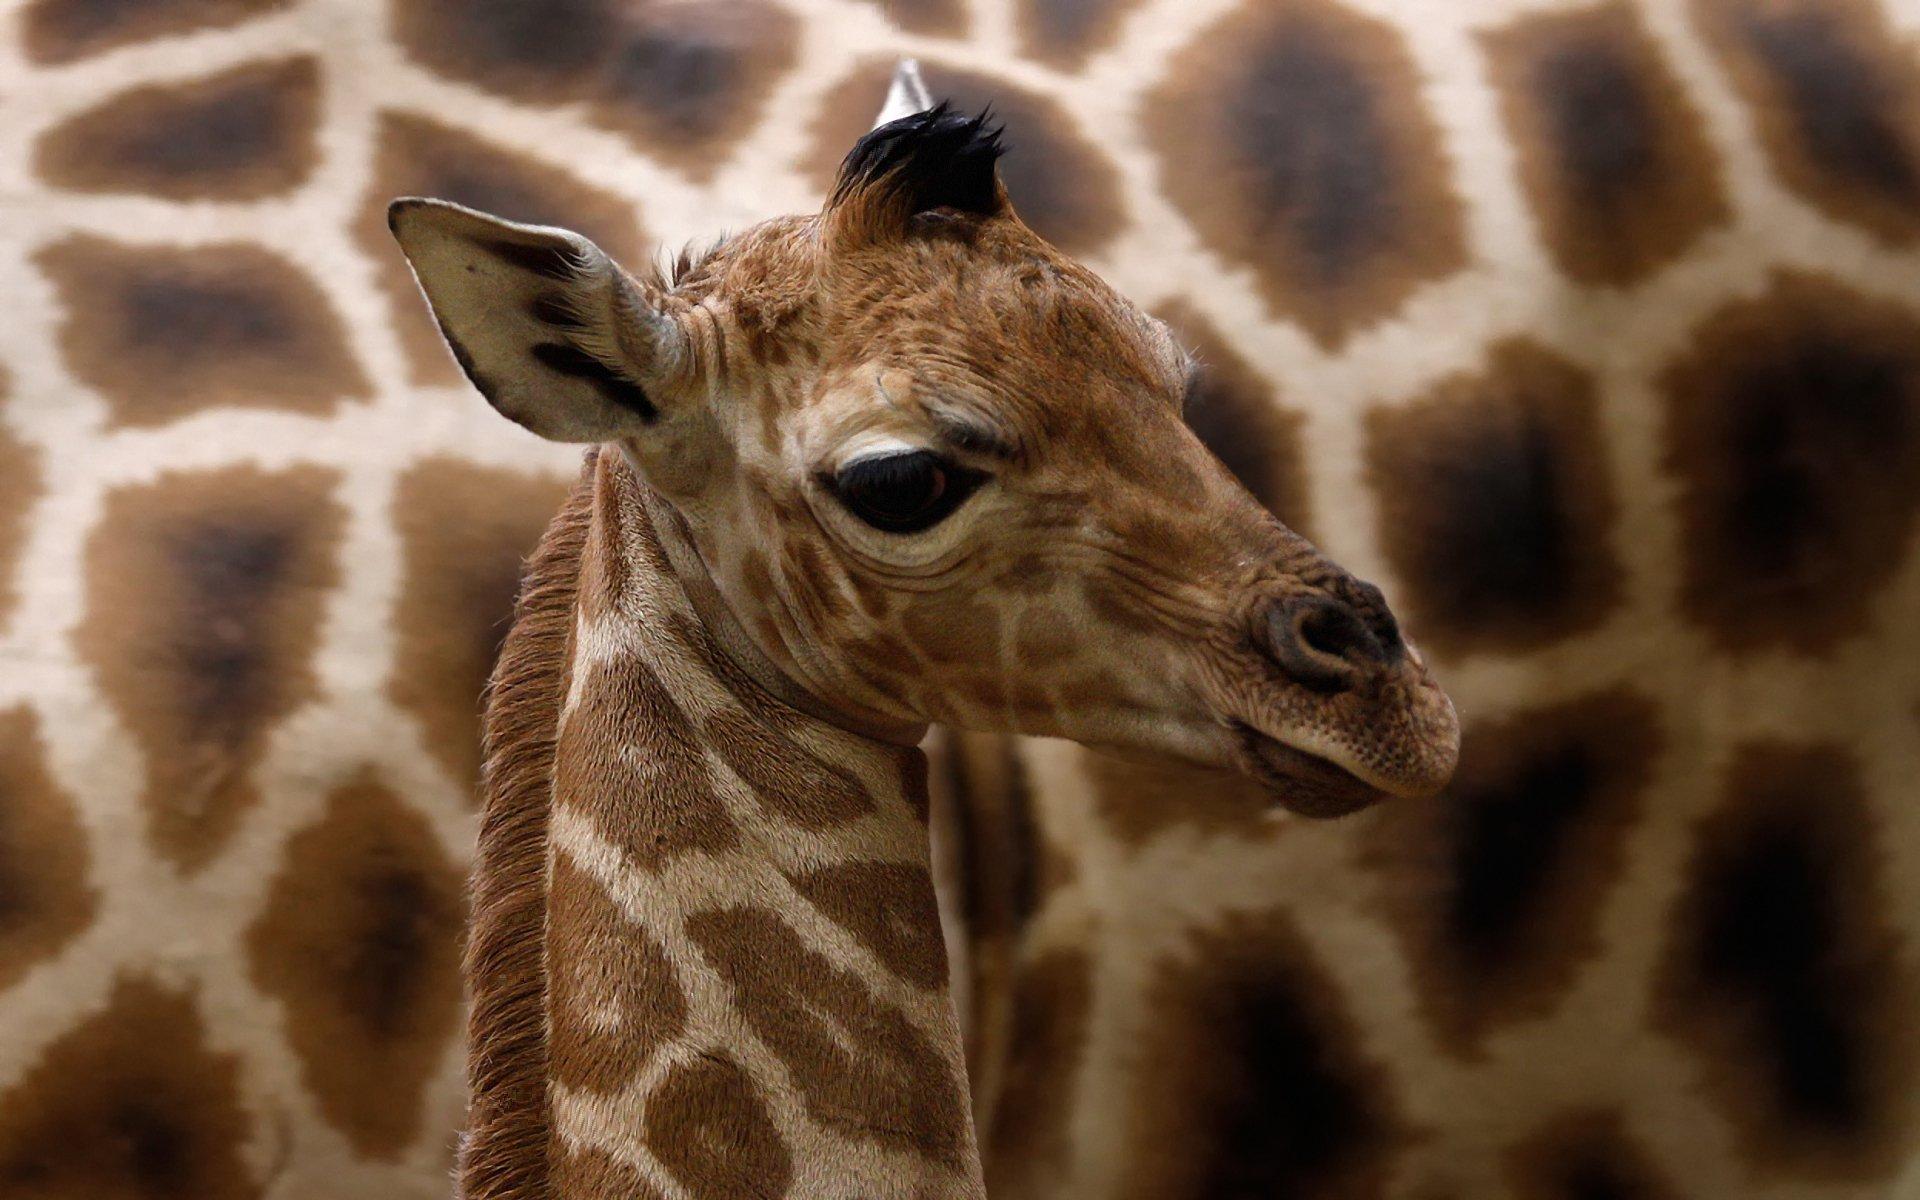 giraffe desktop wallpaper 68689